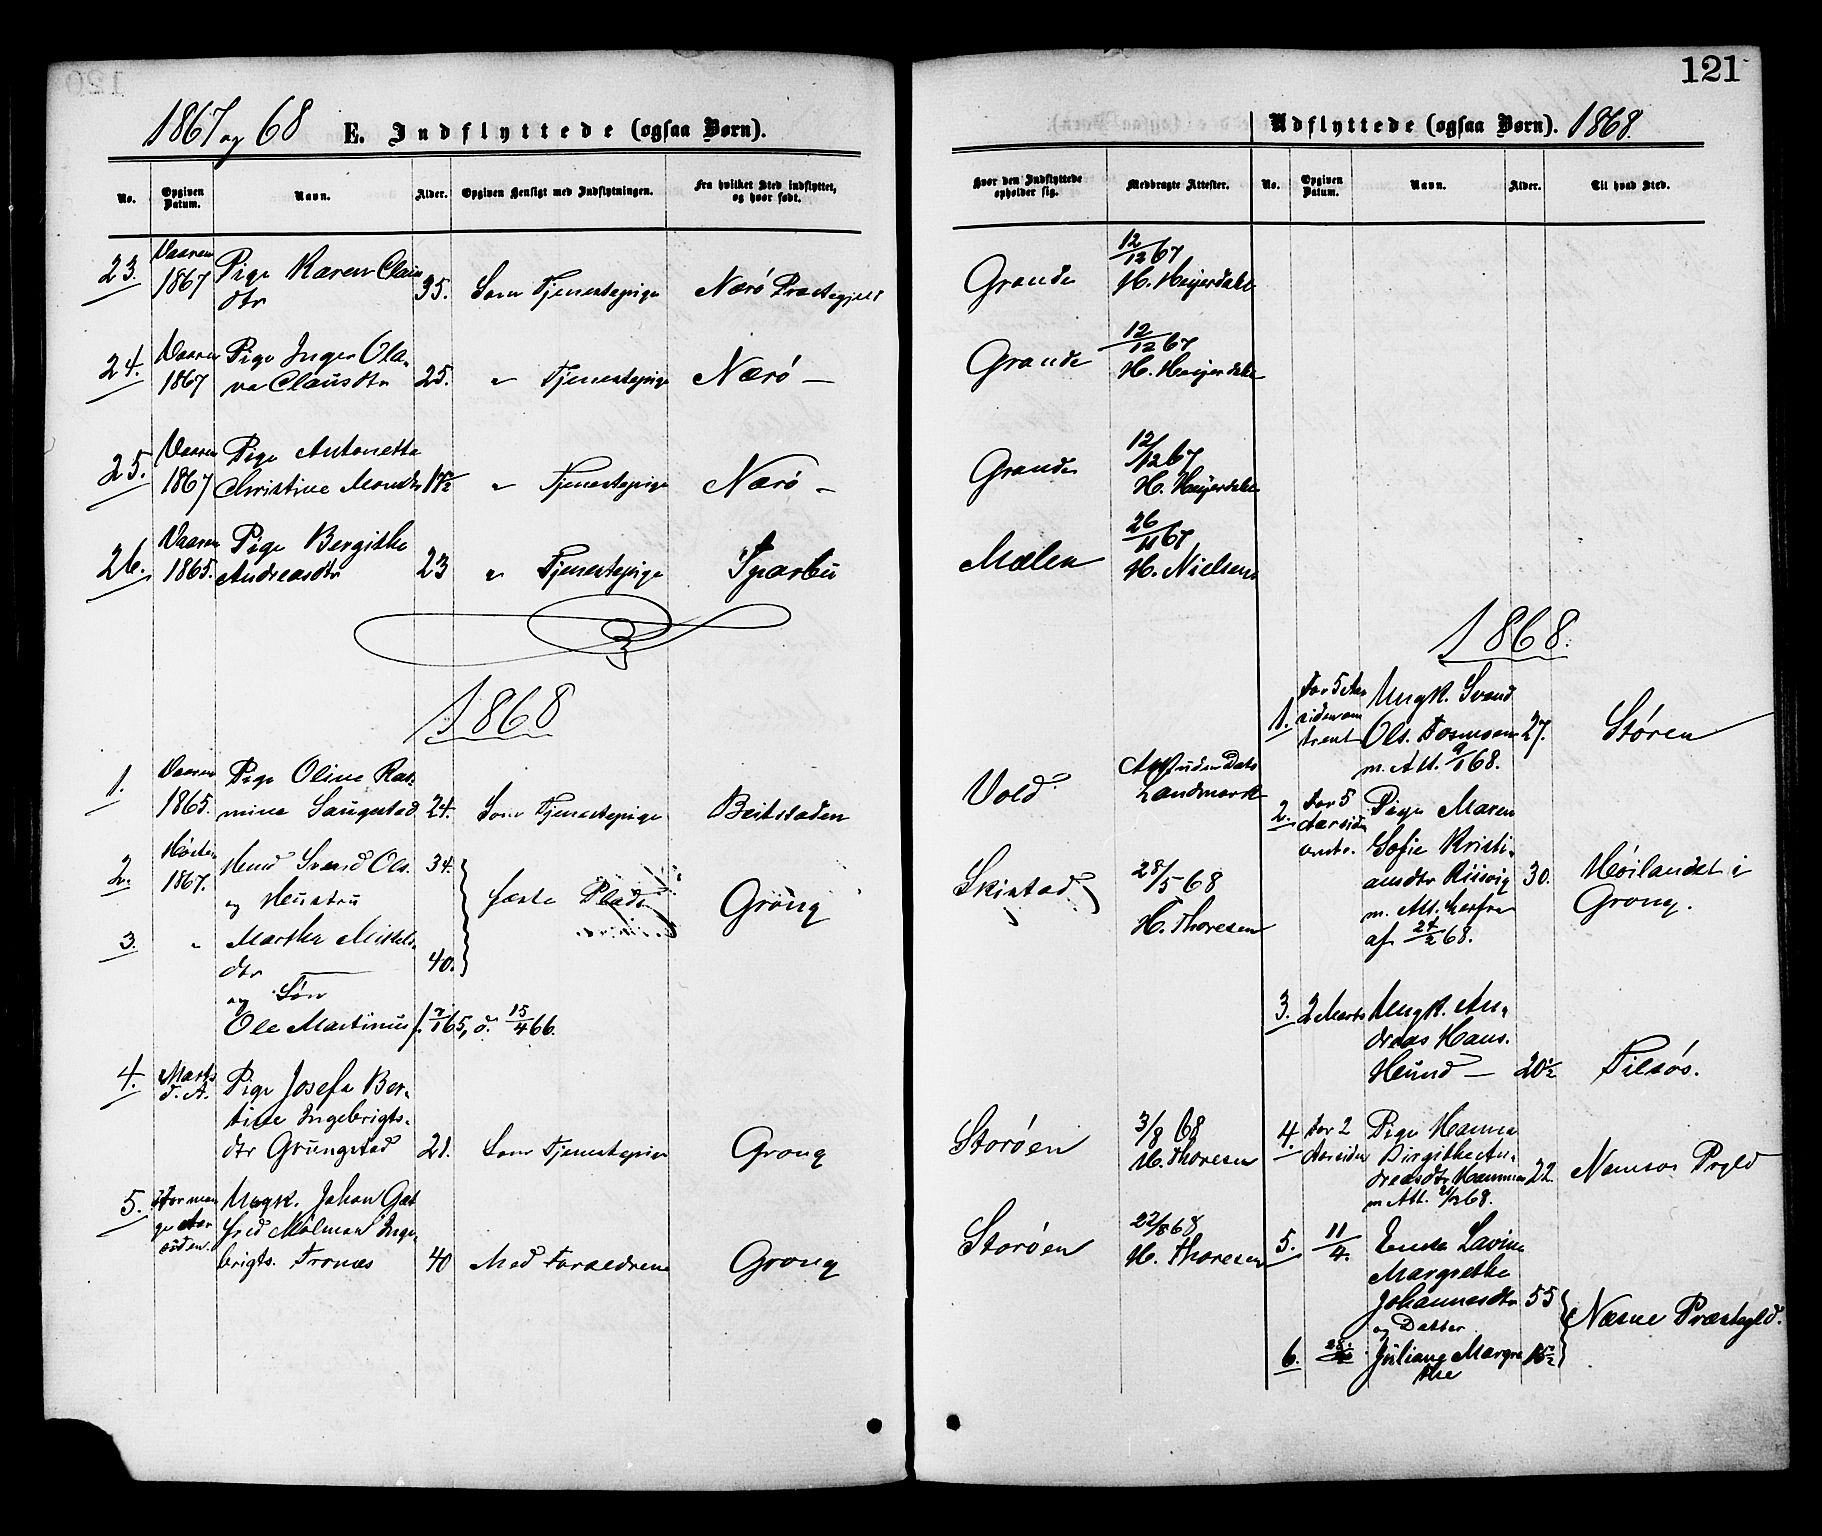 SAT, Ministerialprotokoller, klokkerbøker og fødselsregistre - Nord-Trøndelag, 764/L0554: Ministerialbok nr. 764A09, 1867-1880, s. 121